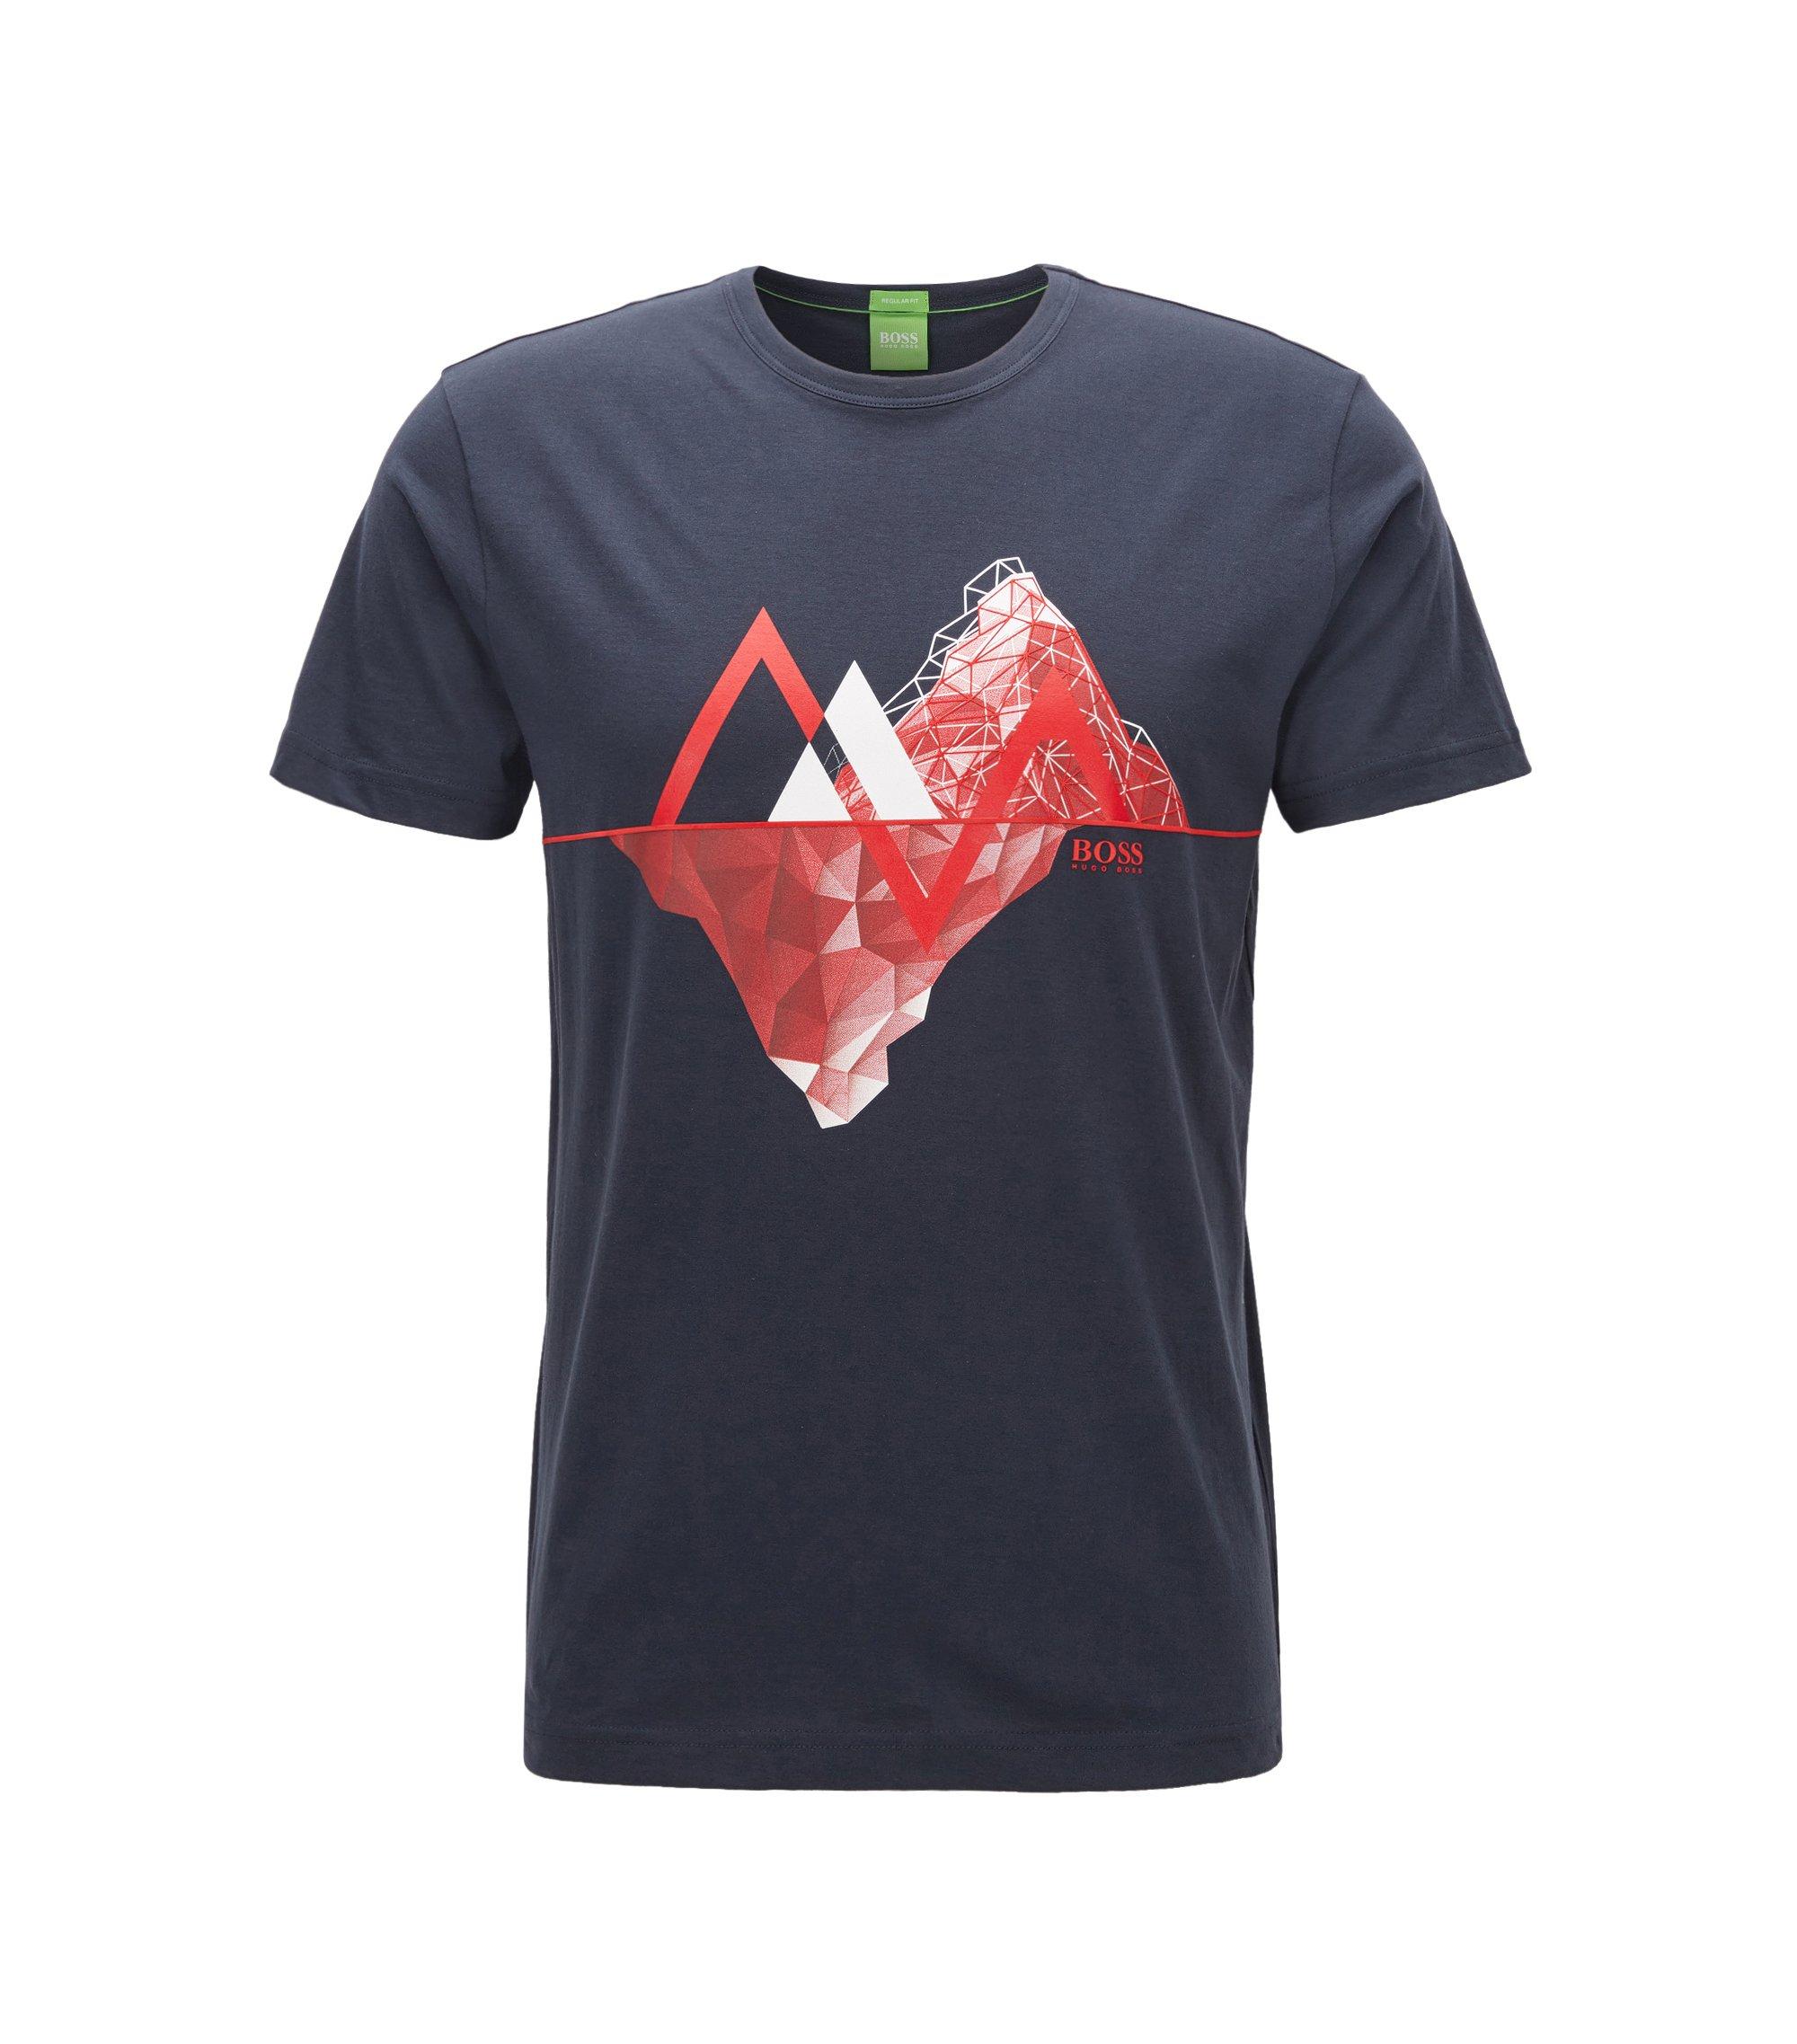 Cotton Graphic T-Shirt | Tee, Dark Blue